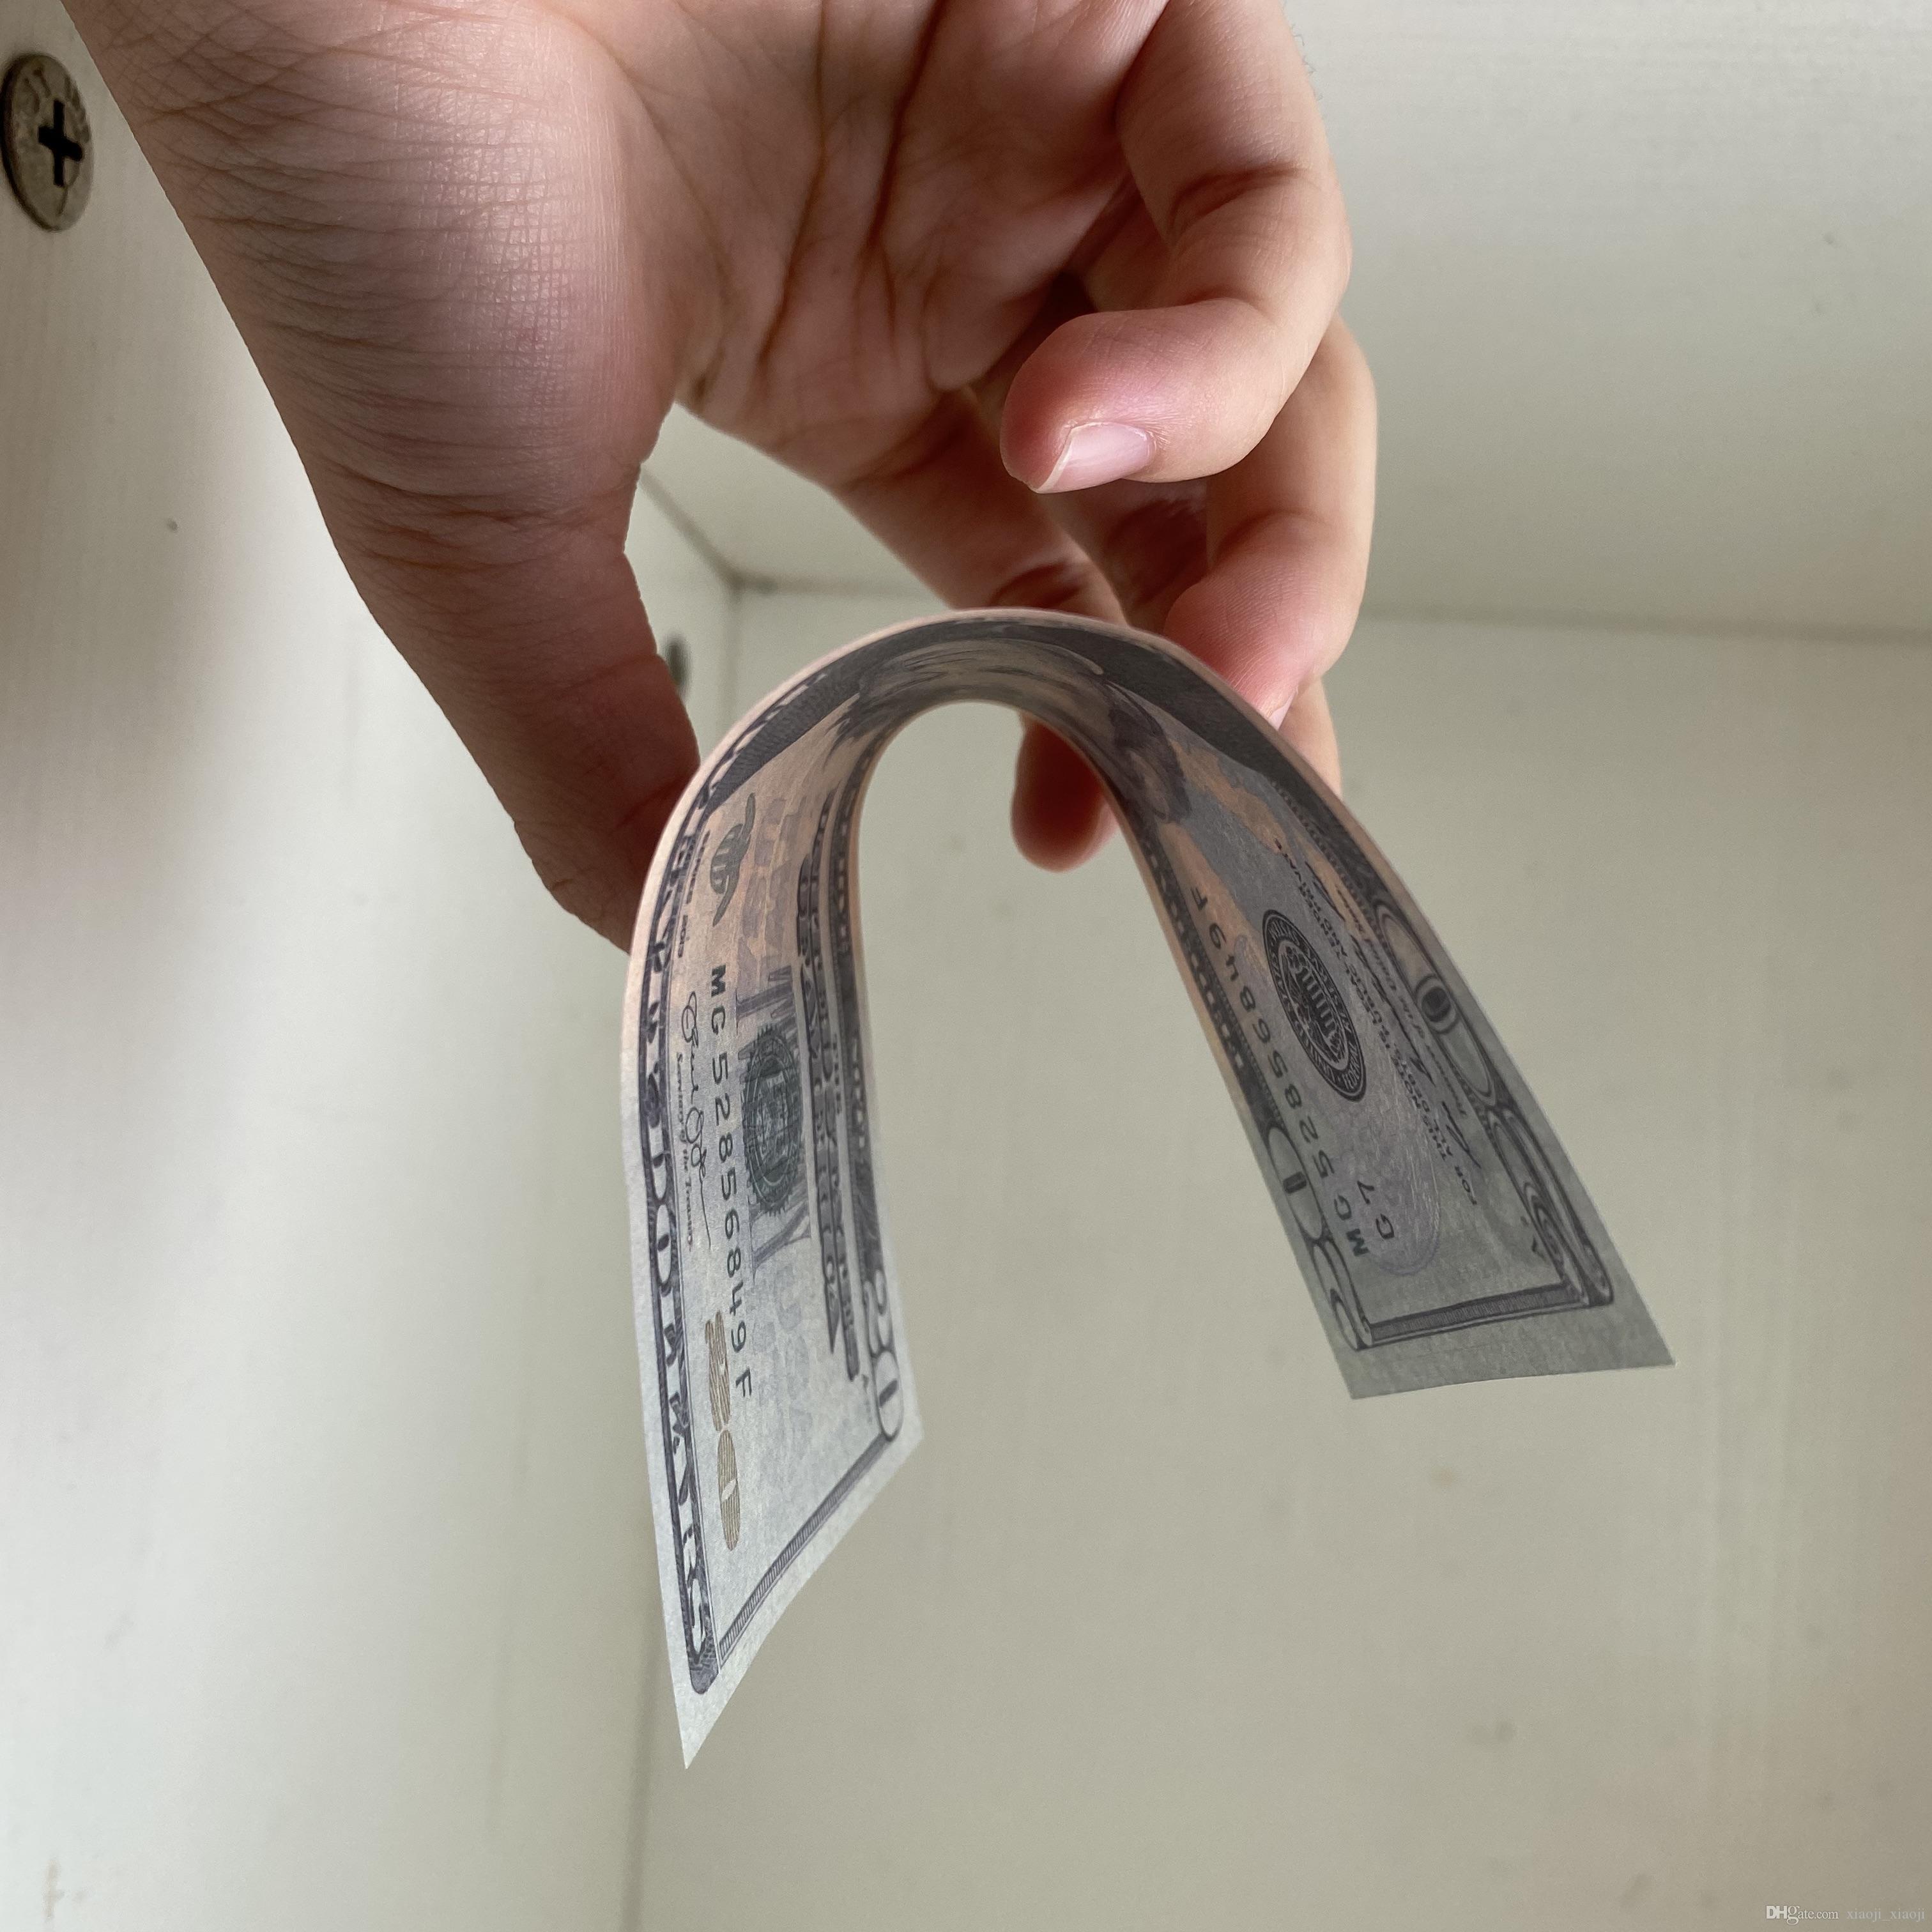 016 Movie Money Quality Prop Best Fake Money Film Fake Money Contado 20 para al por mayor Niños Dollor Video Decoración de Hogar PTGDG